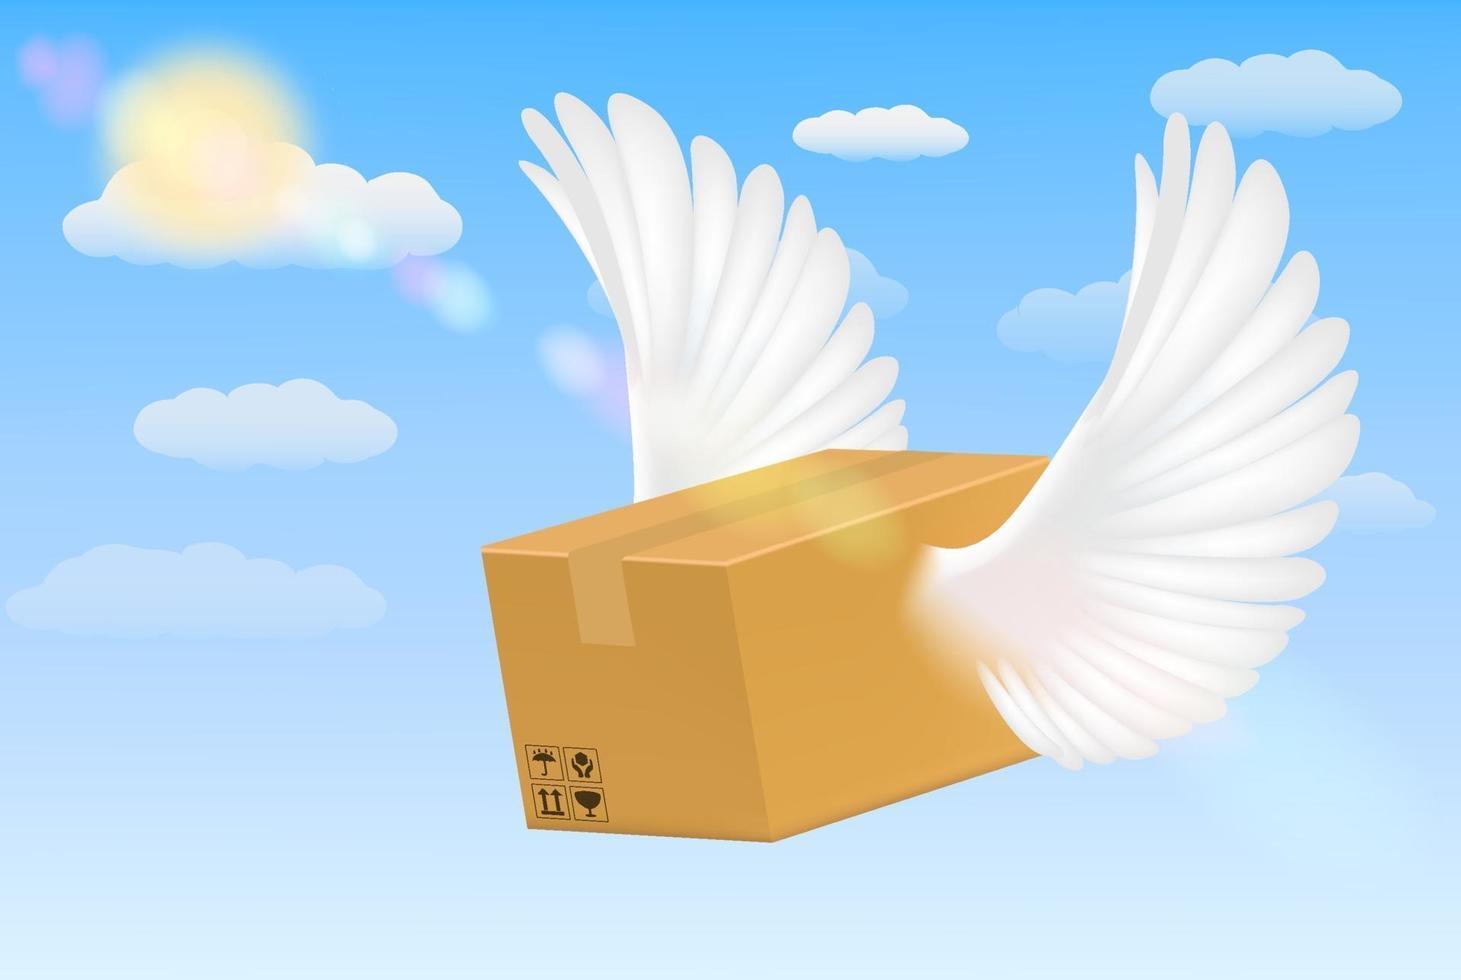 entrega caja de cartón corrugado con alas de pájaro volador vector